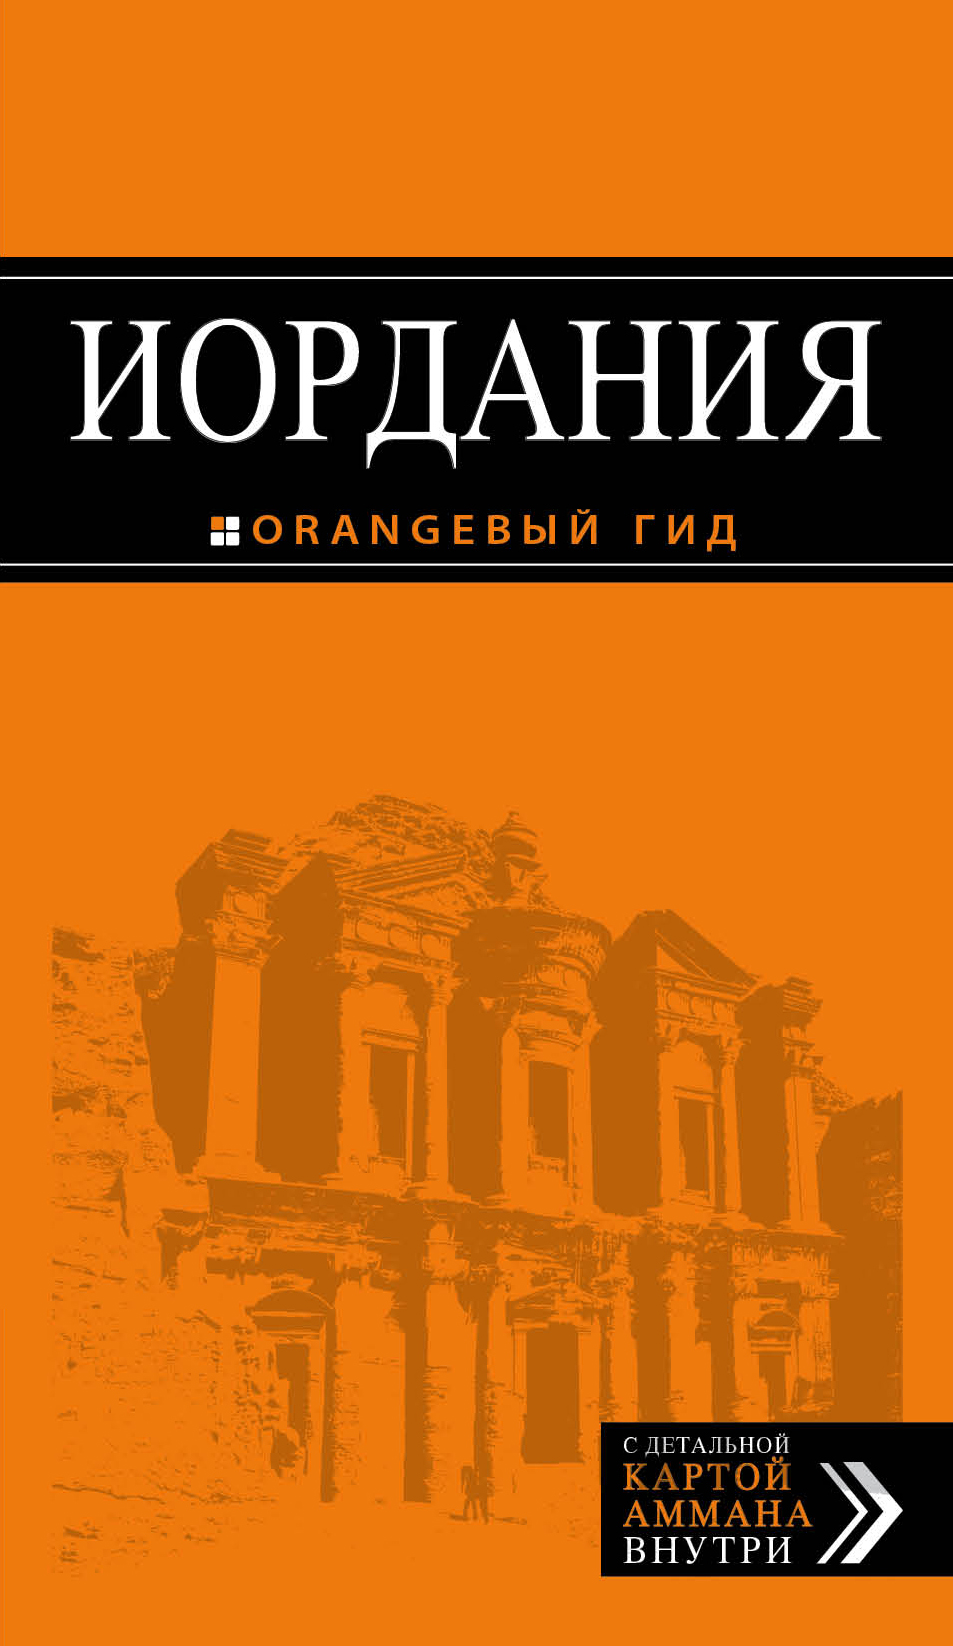 Артур Шигапов Иордания. Путеводитель printio иордания